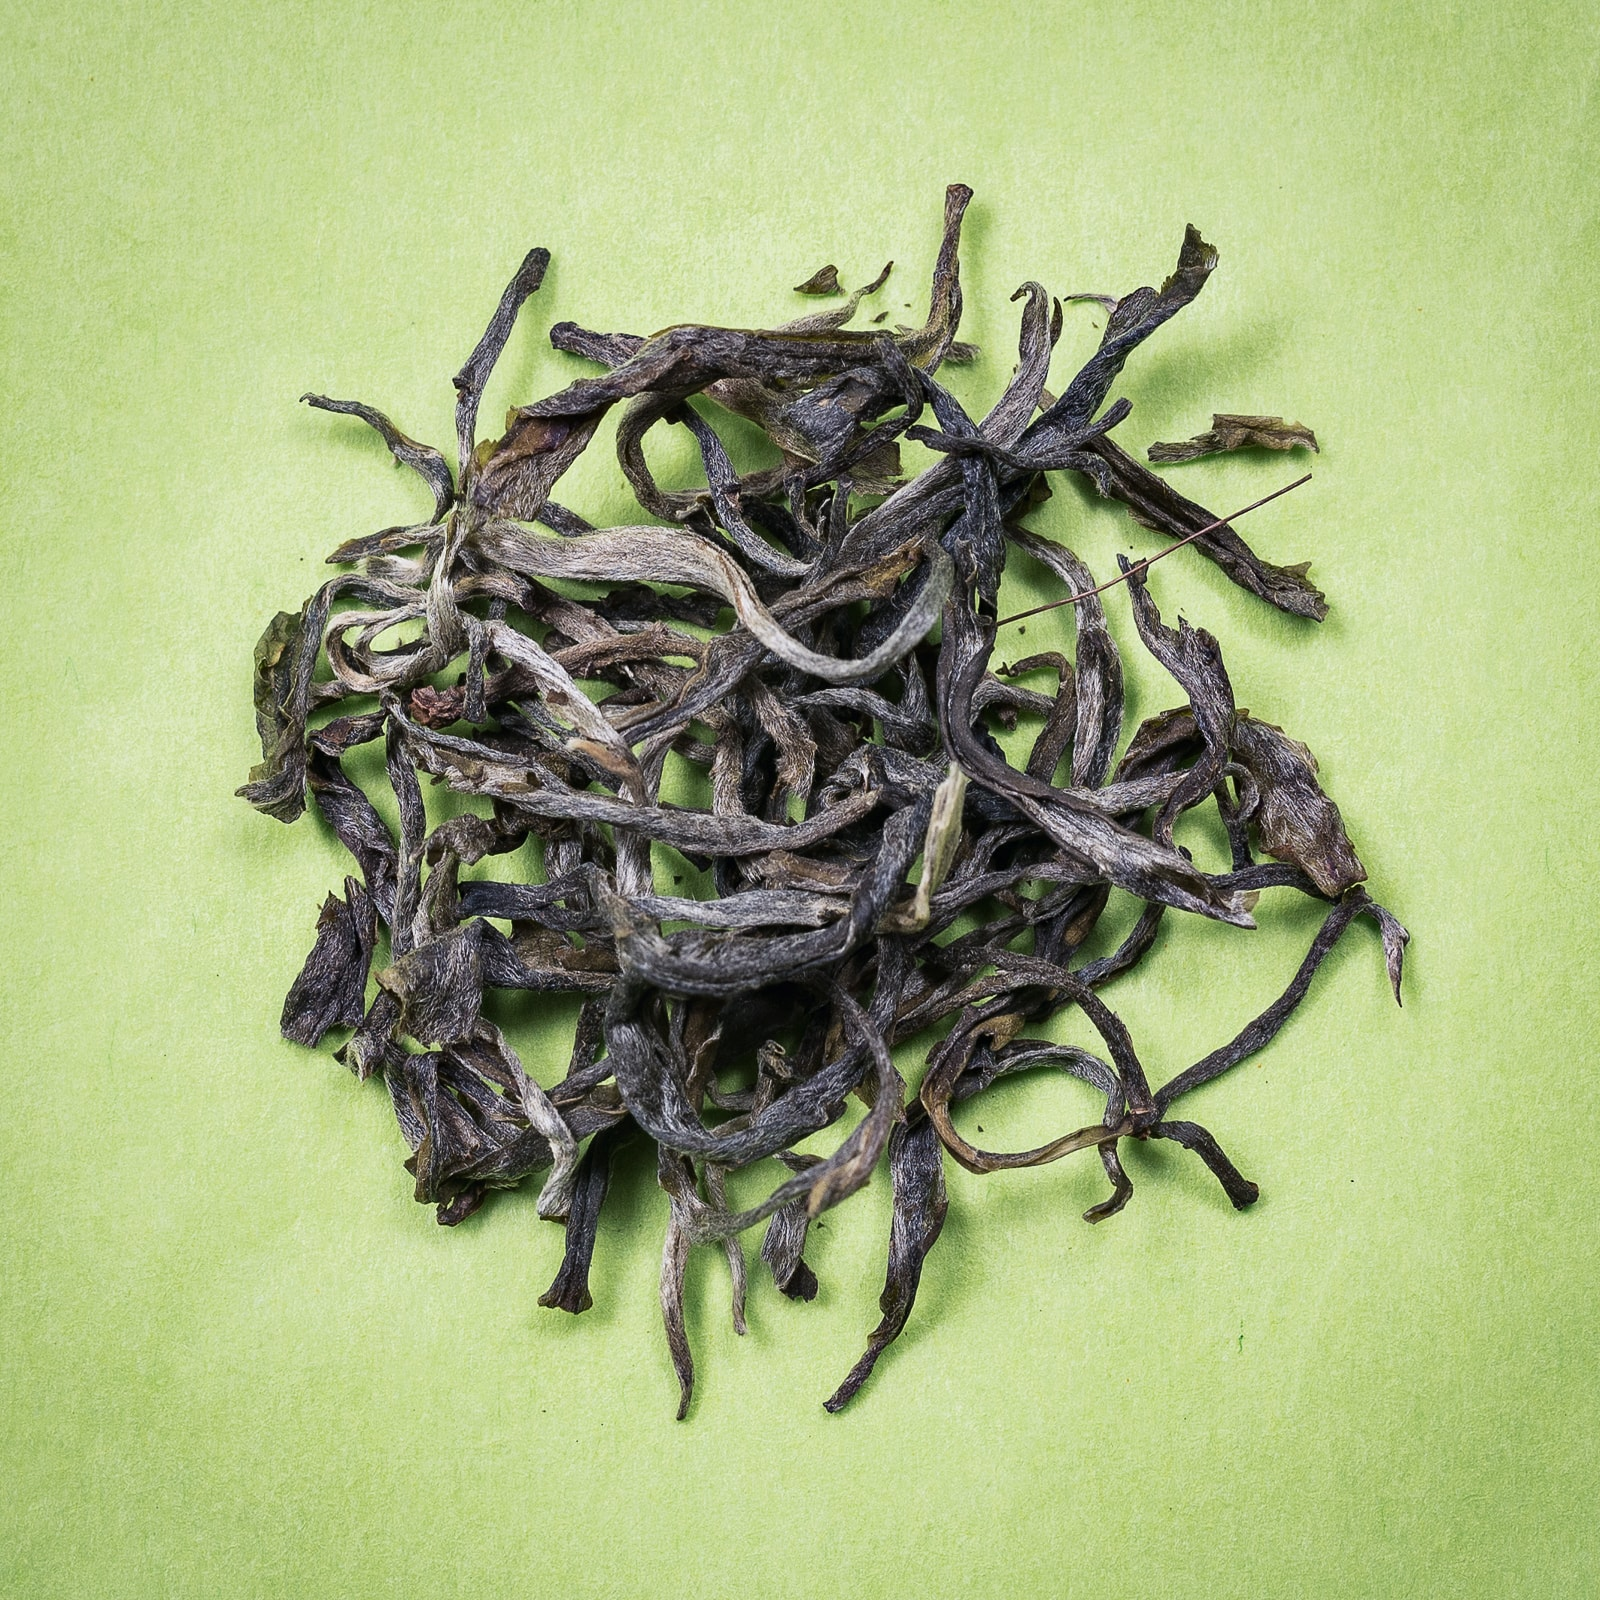 Anbassa-artisan-torrefacteur-the-vert-nature-Yunnan-Vert-GUP